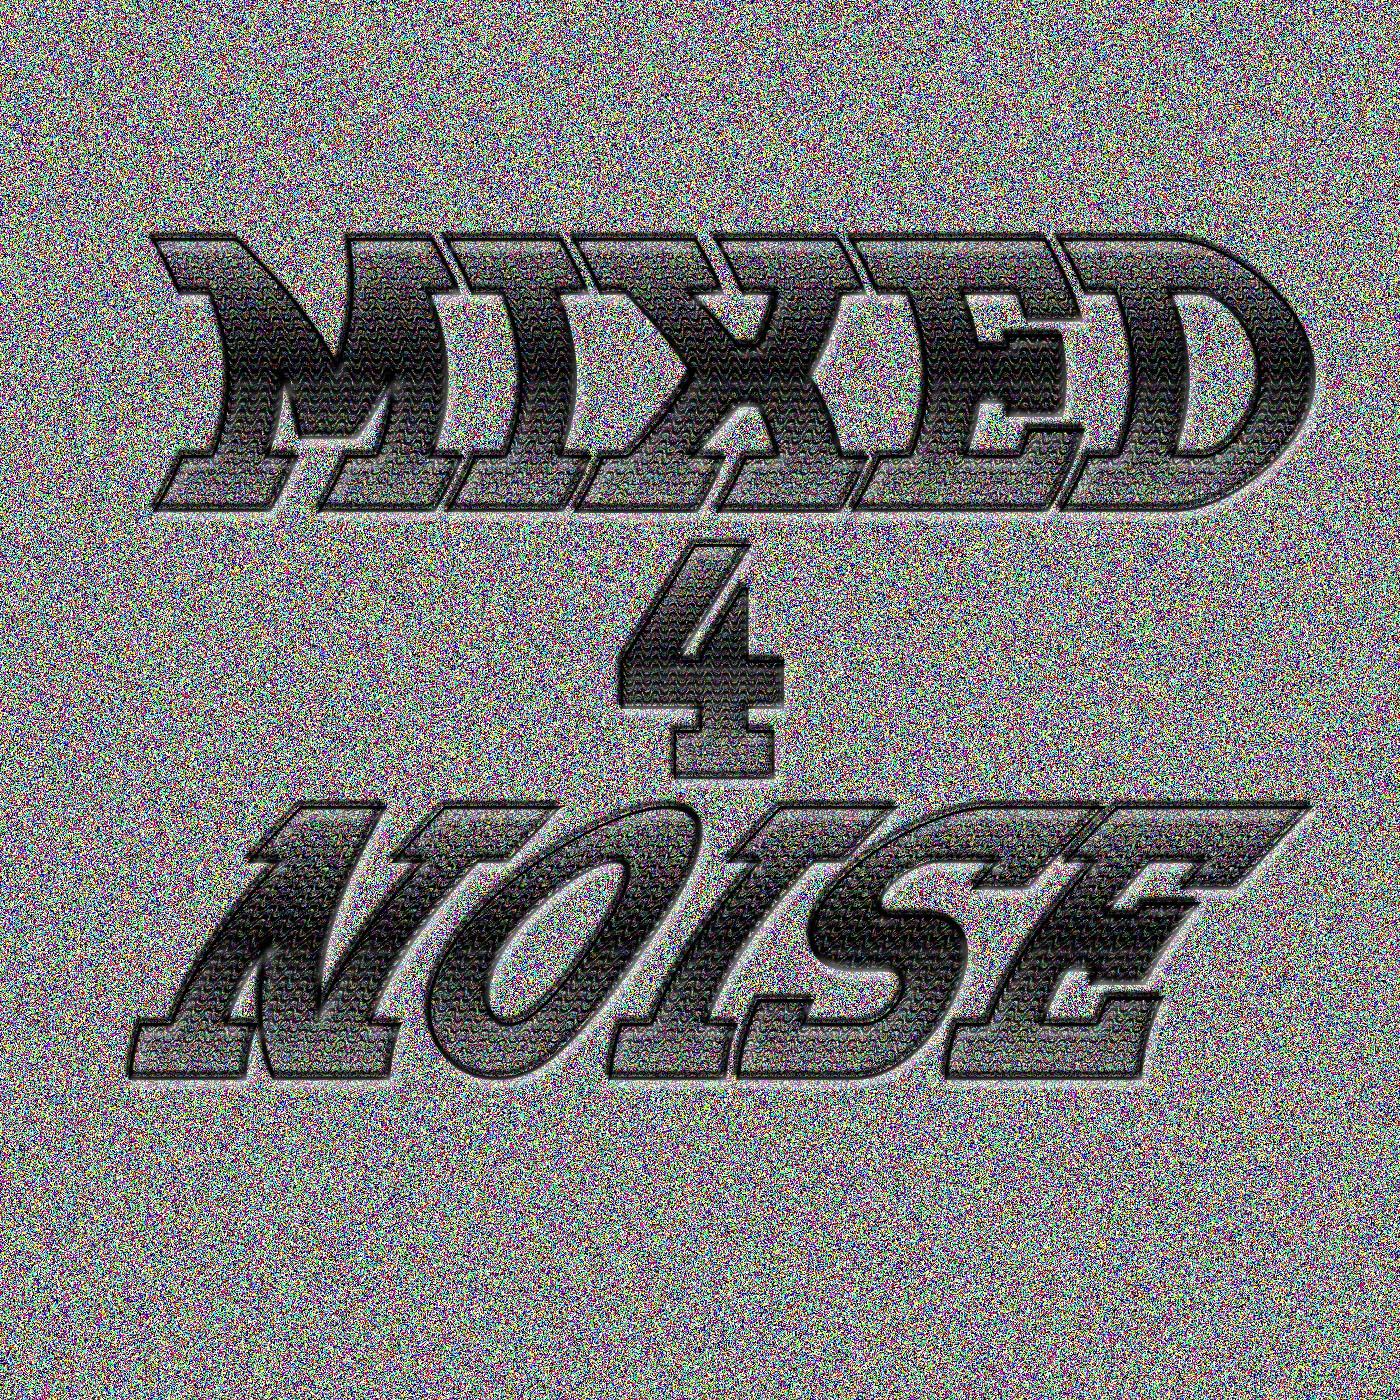 mixednoiselogo4